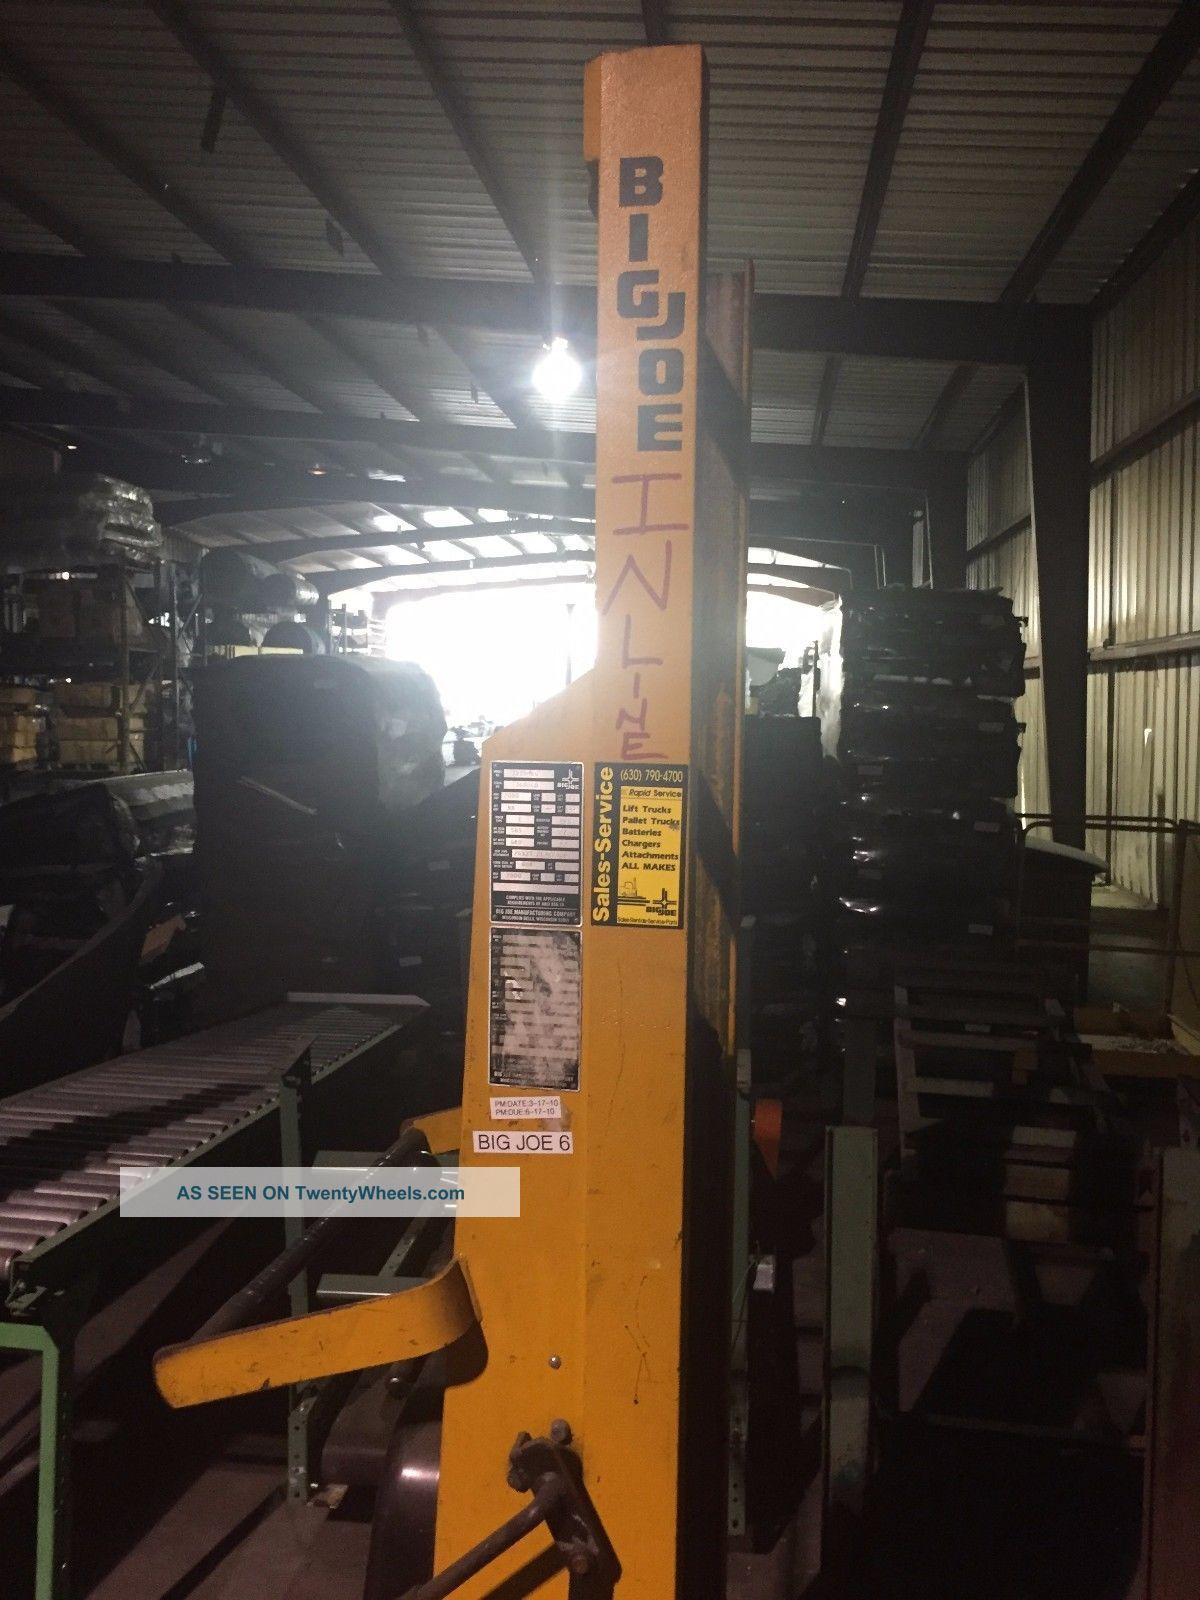 Big Joe Forklift 2000lb Capacity 12v Forklifts photo